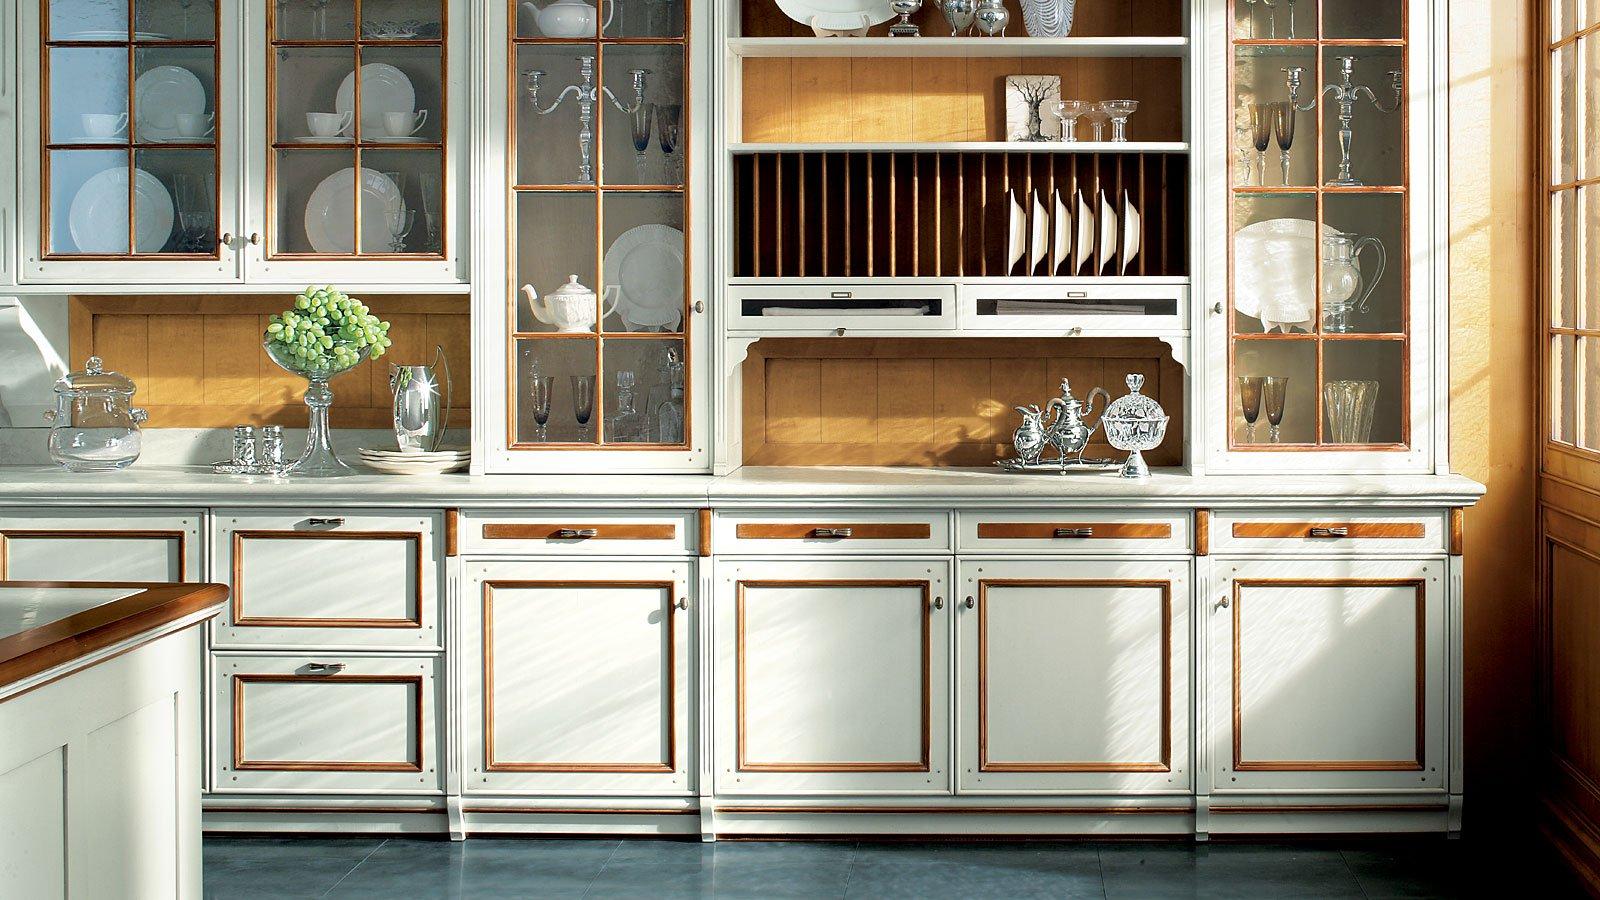 5 mosse per arredare la cucina in stile classico for La cucina classica